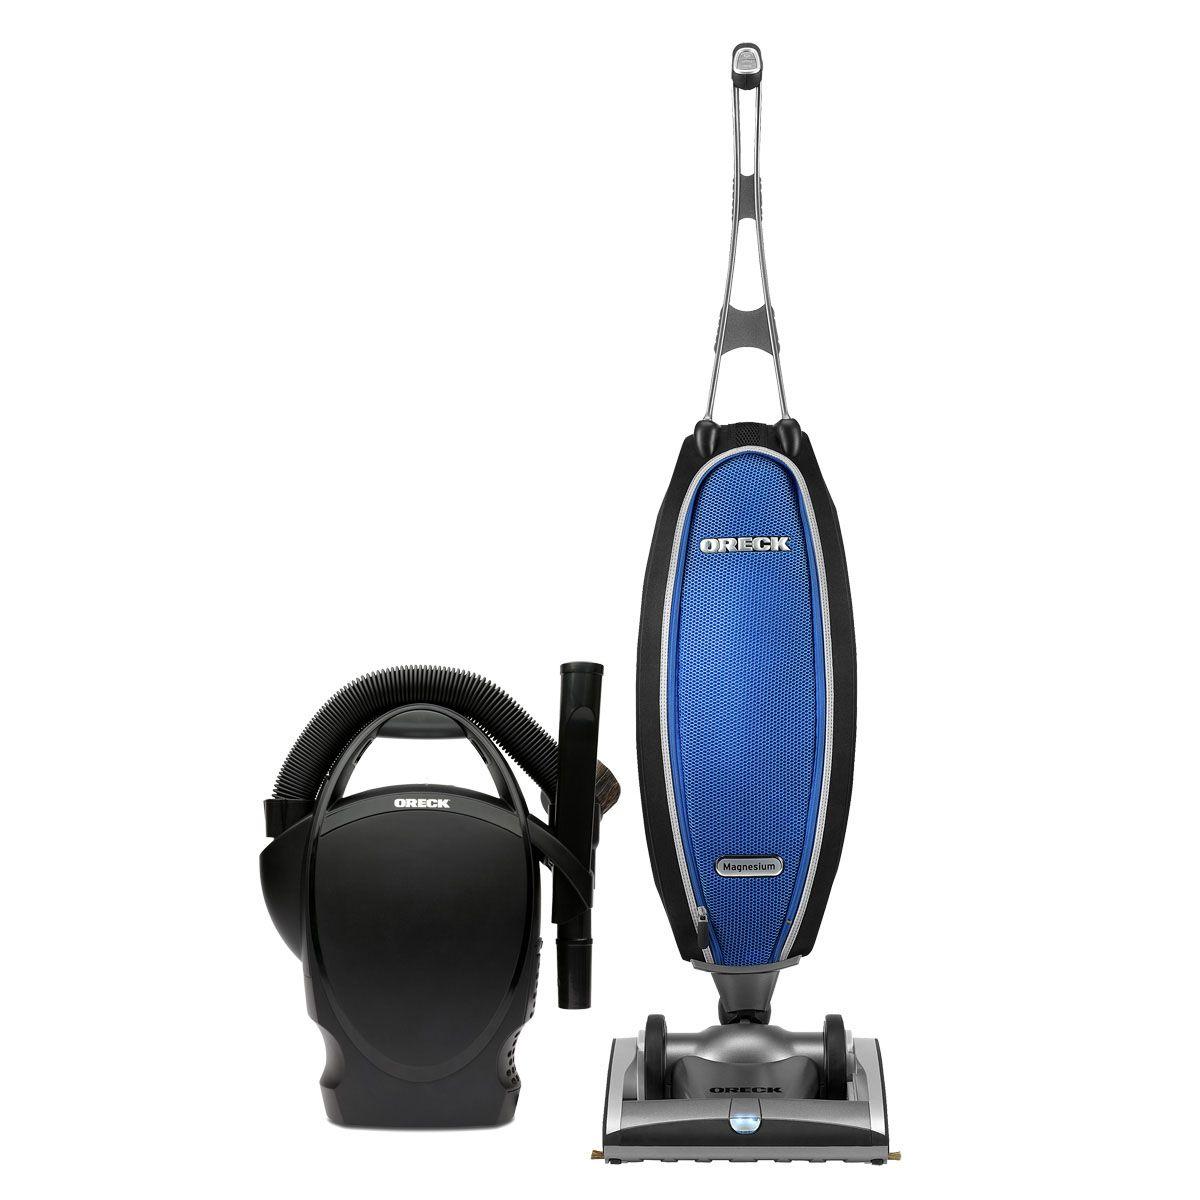 Oreck Magnesium Rs Power Team Oreck Handheld Vacuum Cleaner Vacuum Cleaner